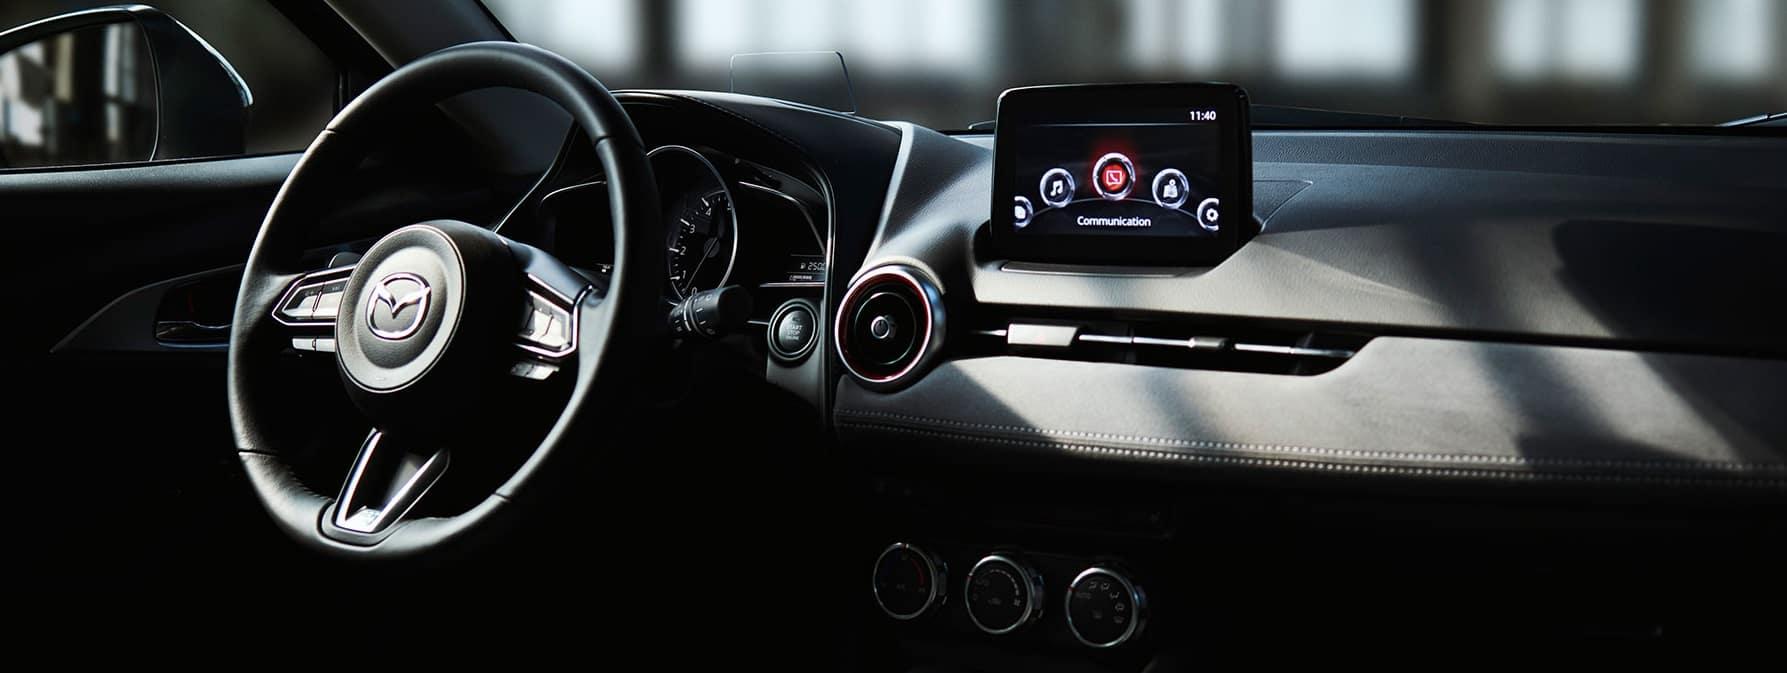 2019 Mazda CX-3 Interiors